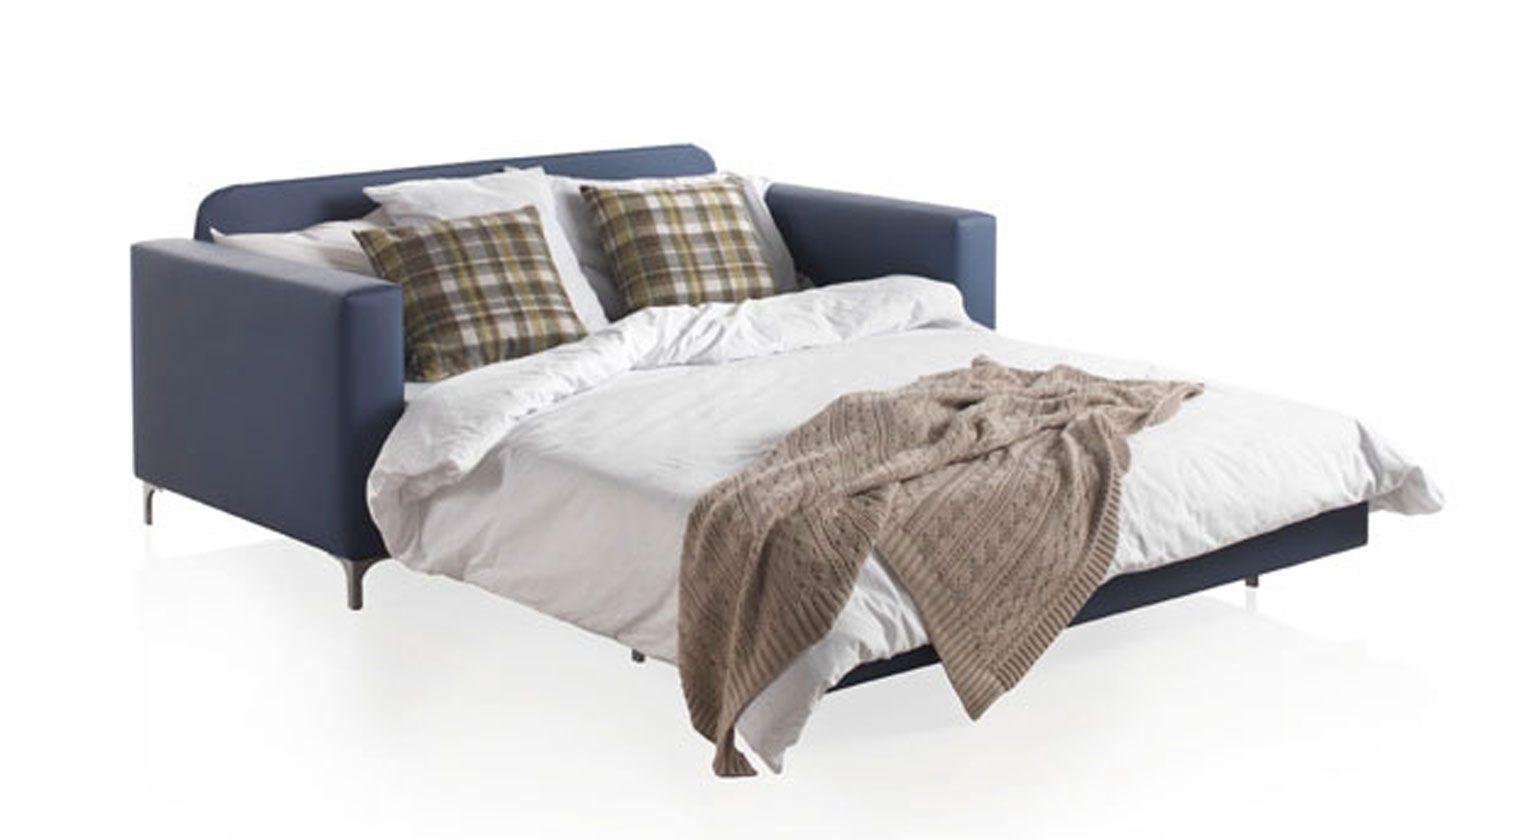 Sof cama brest sofas cama extensible nido for Sofas cama apertura italiana baratos